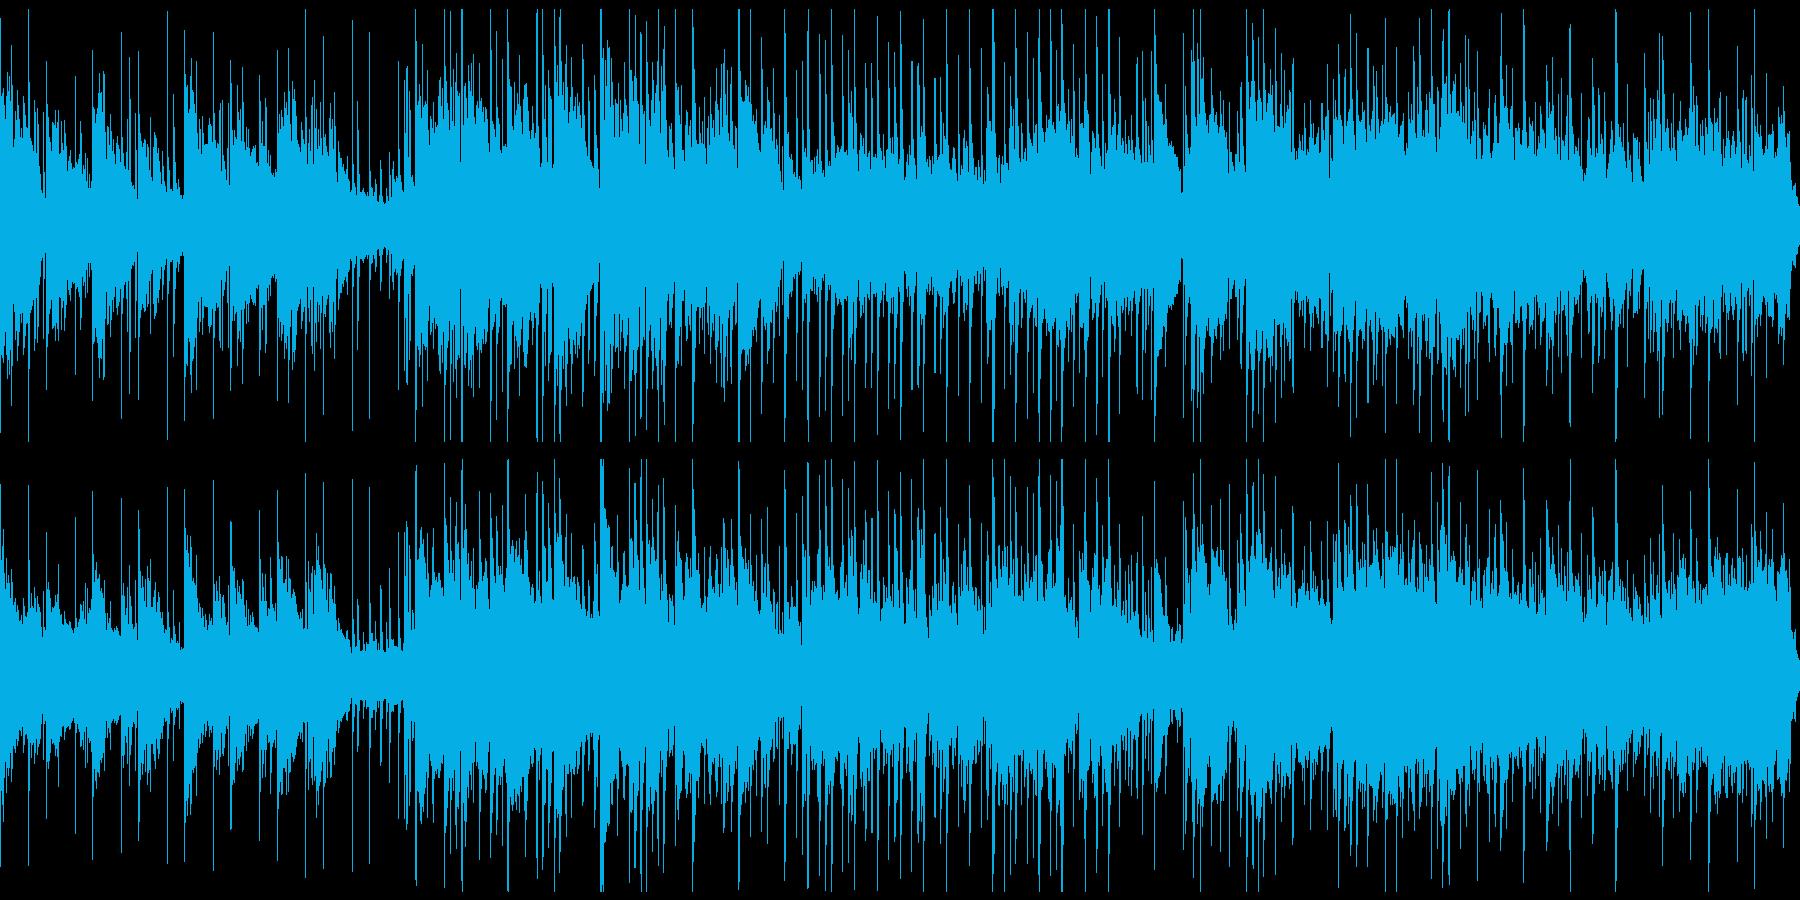 黄昏の湿地 哀愁のあるゆったりとした曲の再生済みの波形